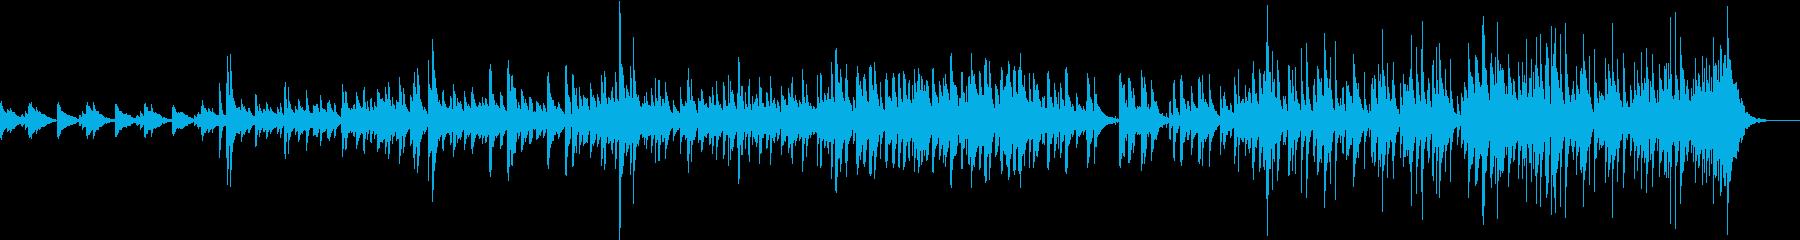 ピアノメインの軽快なジャズ・ヒーリングの再生済みの波形